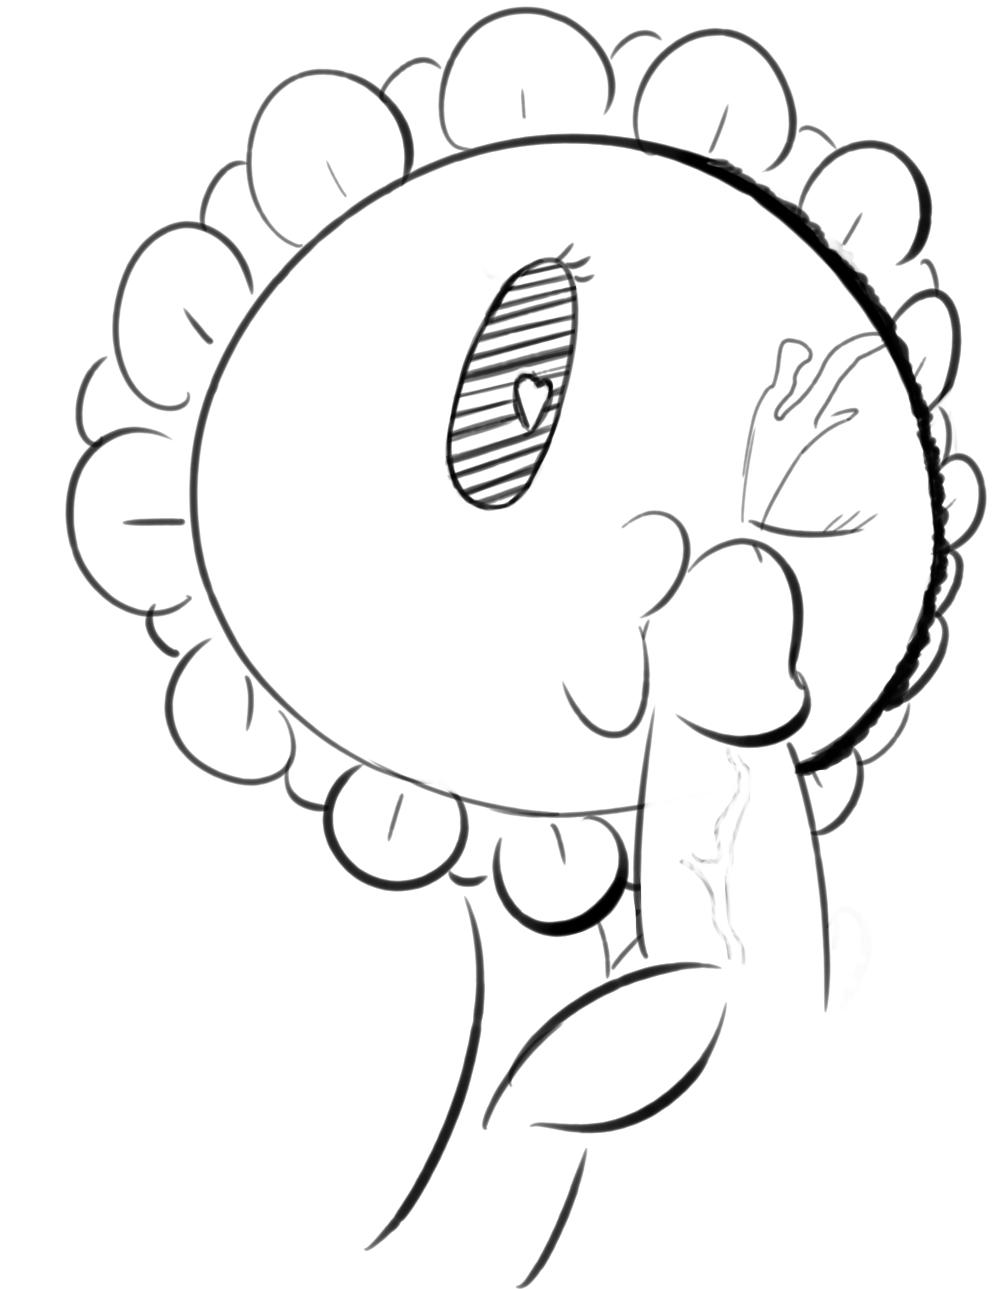 dibujos vs de plantas zombies Kekkon-yubiwa-monogatari